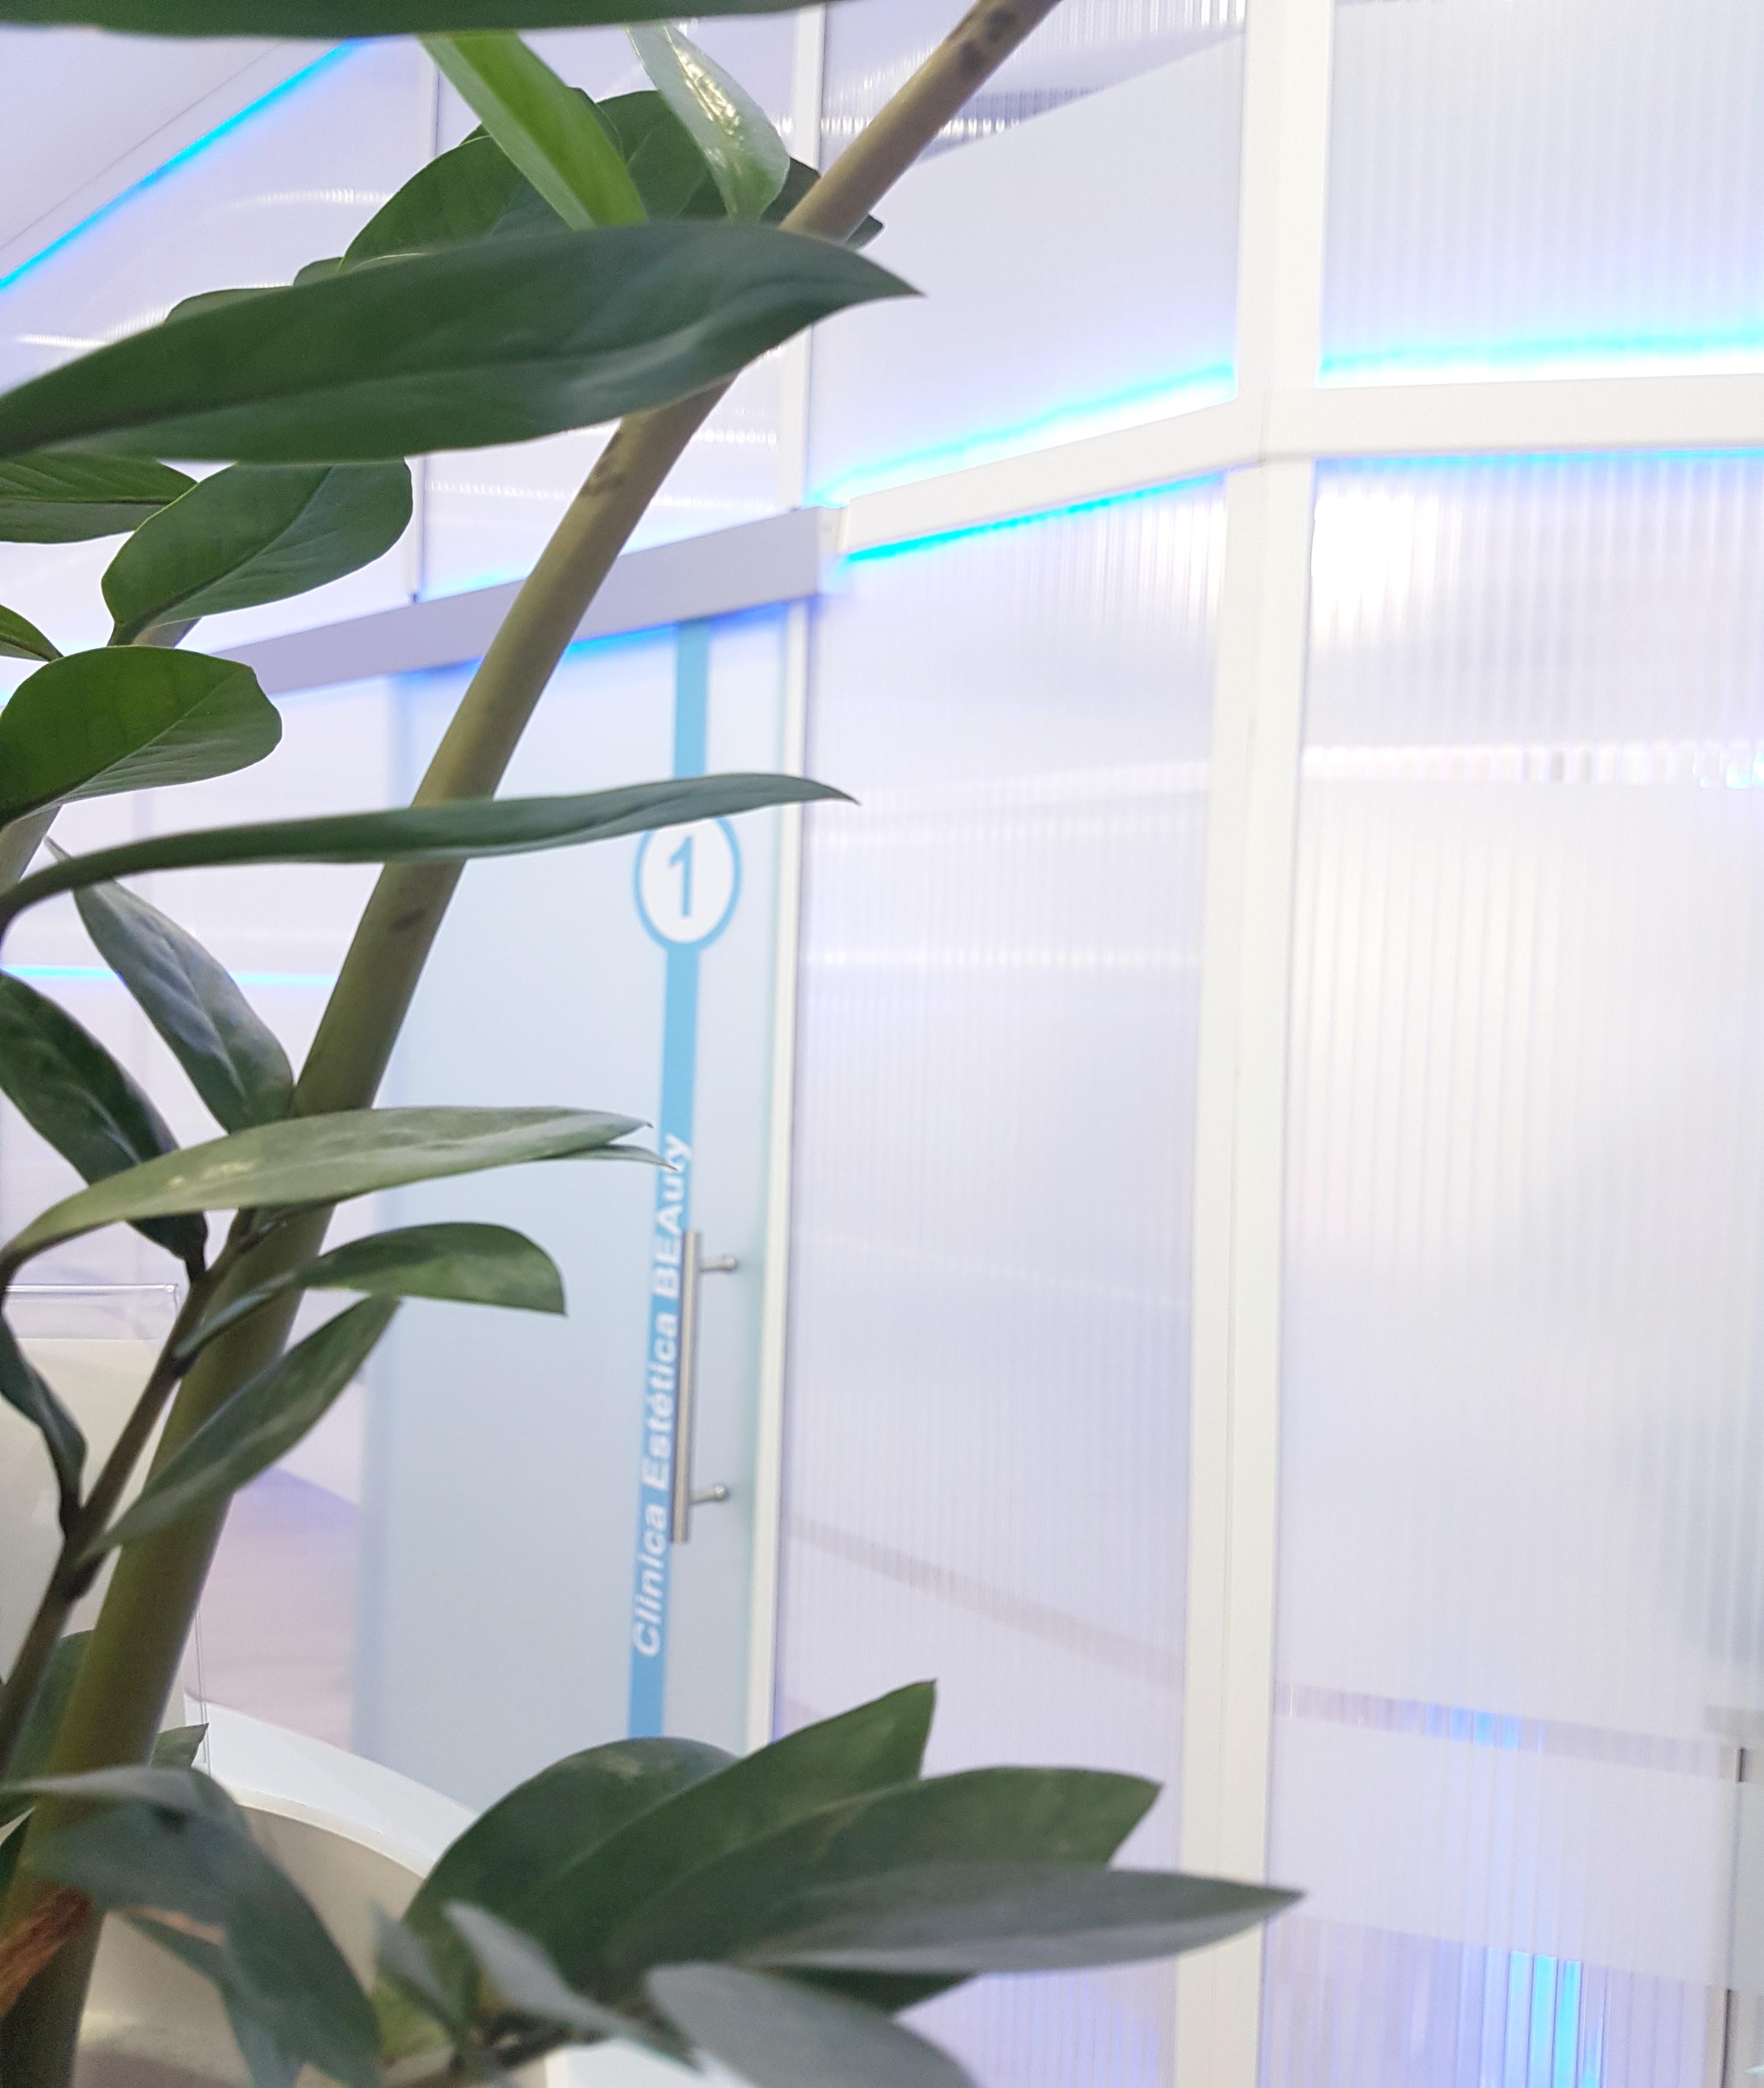 Clinica Estética Marbella, Micropigmentación Capilar en Marbella rejuvenecimiento facial sin cirugía reducción arrugas Marbella, relleno arrugas Marbella  belleza Marbella. Corrección las arrugas Marbella, eliminacion arrugas Marbella arrugas borrar Marbella. Tratamiento de arrugas Marbella, Marbella - corrección las arrugas. Liposucción sin cirugía Marbella, blefaroplastia Marbella. Aumento labios Marbella, relleno facial Marbell Eliminación ojeras Marbella. Tratamiento celulitis marbella, rejuvenecimiento facial Marbella. Estrías Marbella, rejuvenecimiento Marbella. IMG_20180906_185651 CLINICA ESTÉTICA MARBELLA BEAuty